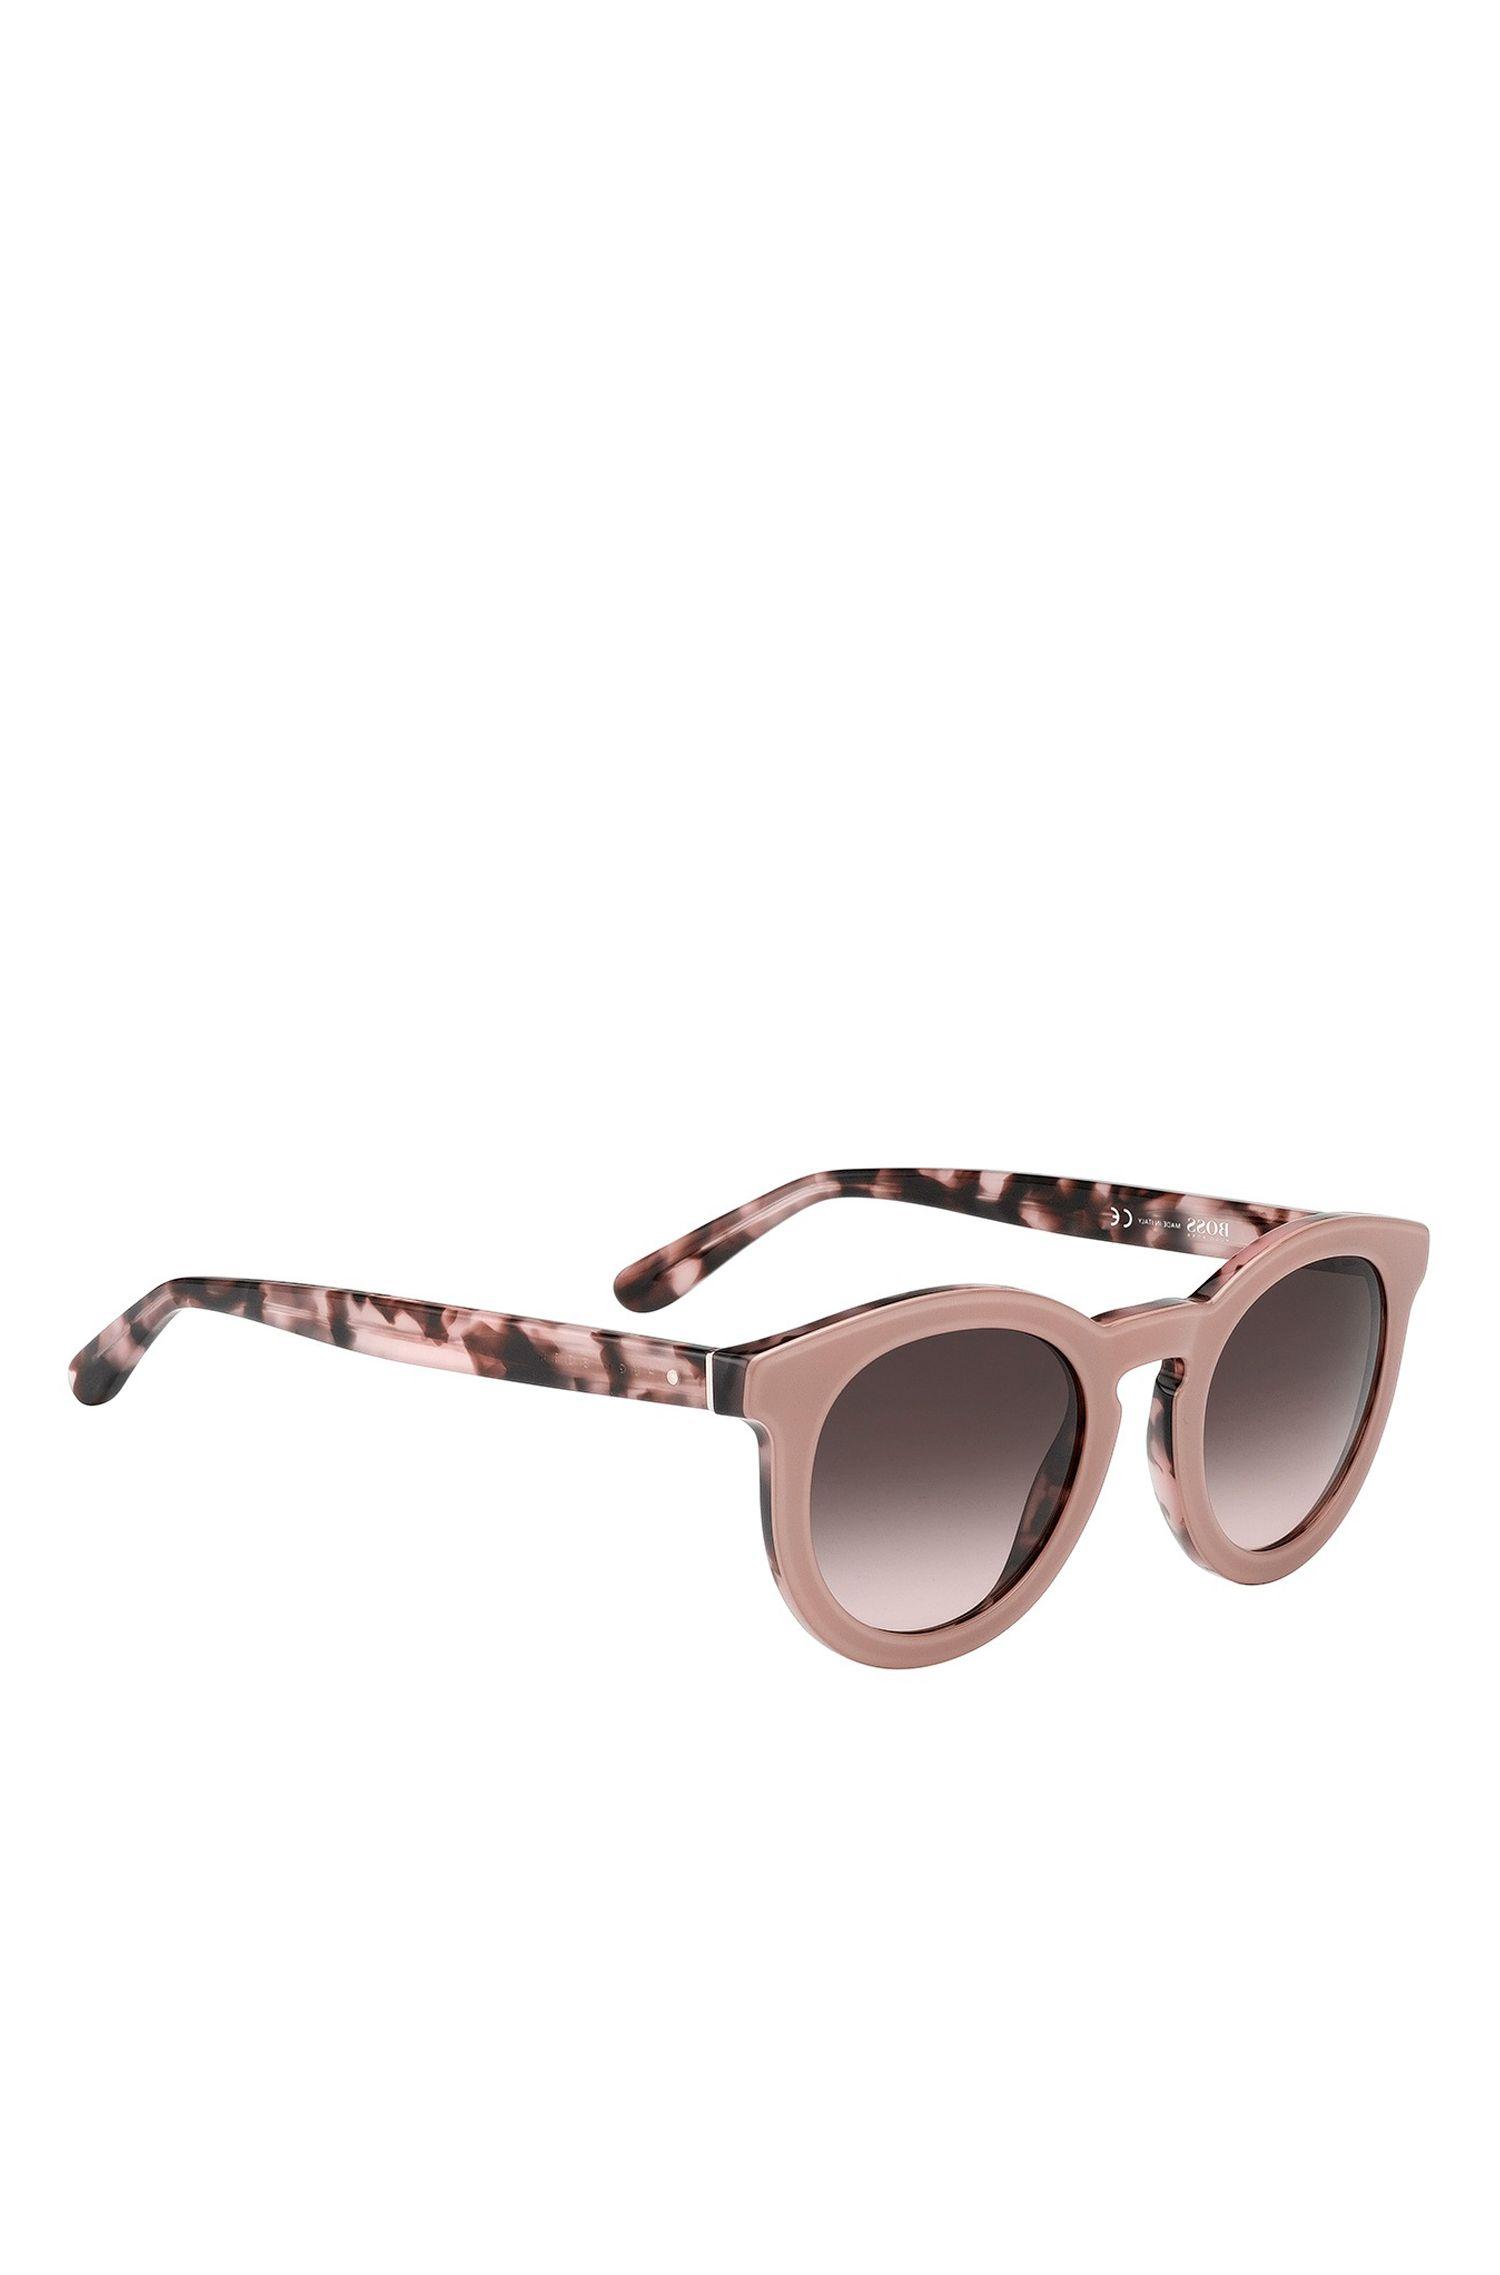 Gradient Lens Acetate Sunglasses | BOSS 0742S